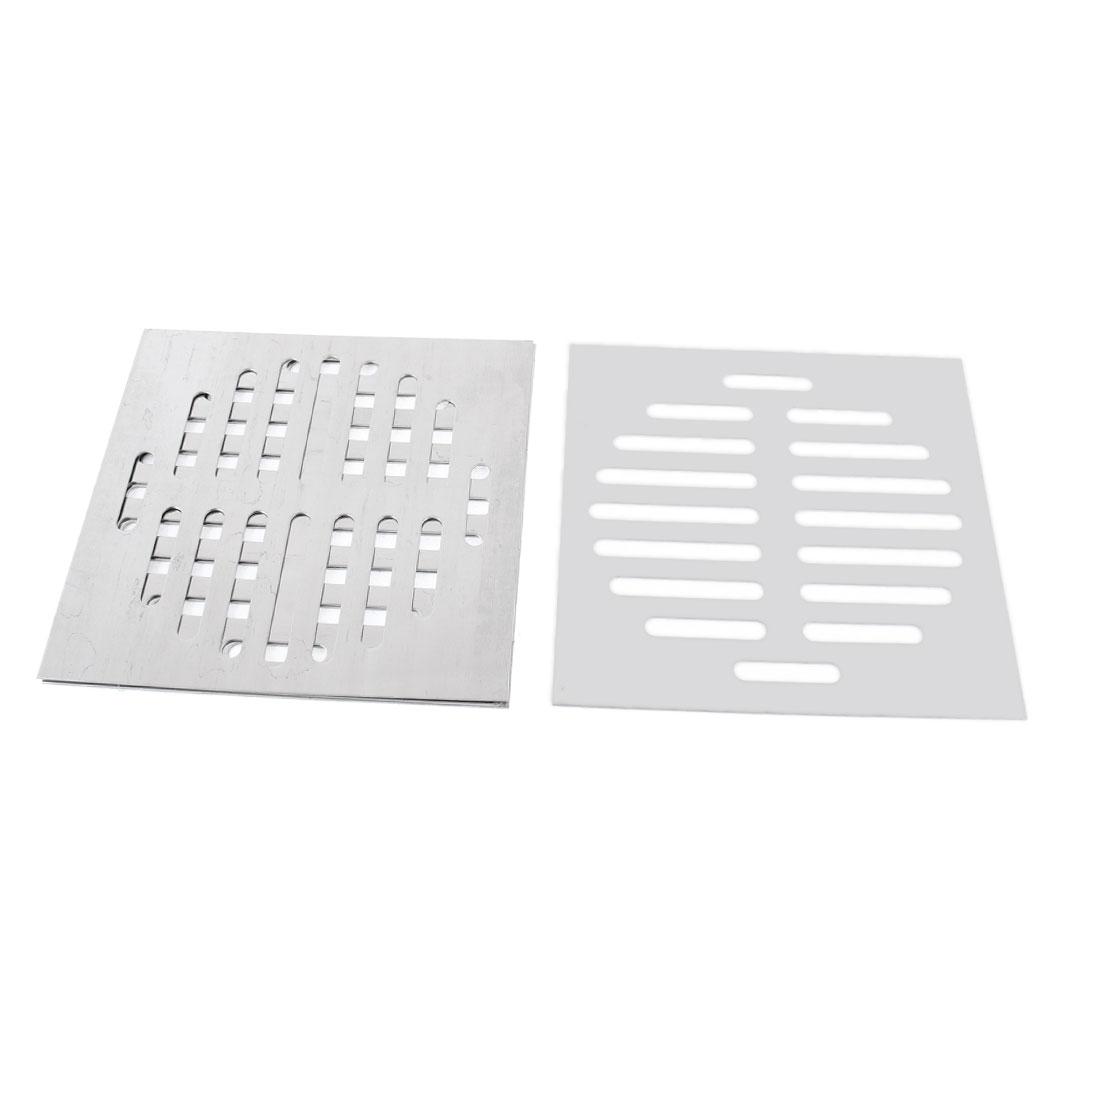 Kitchen Bathroom Square Floor Drain Drainer Cover 15cm x 15cm 4Pcs